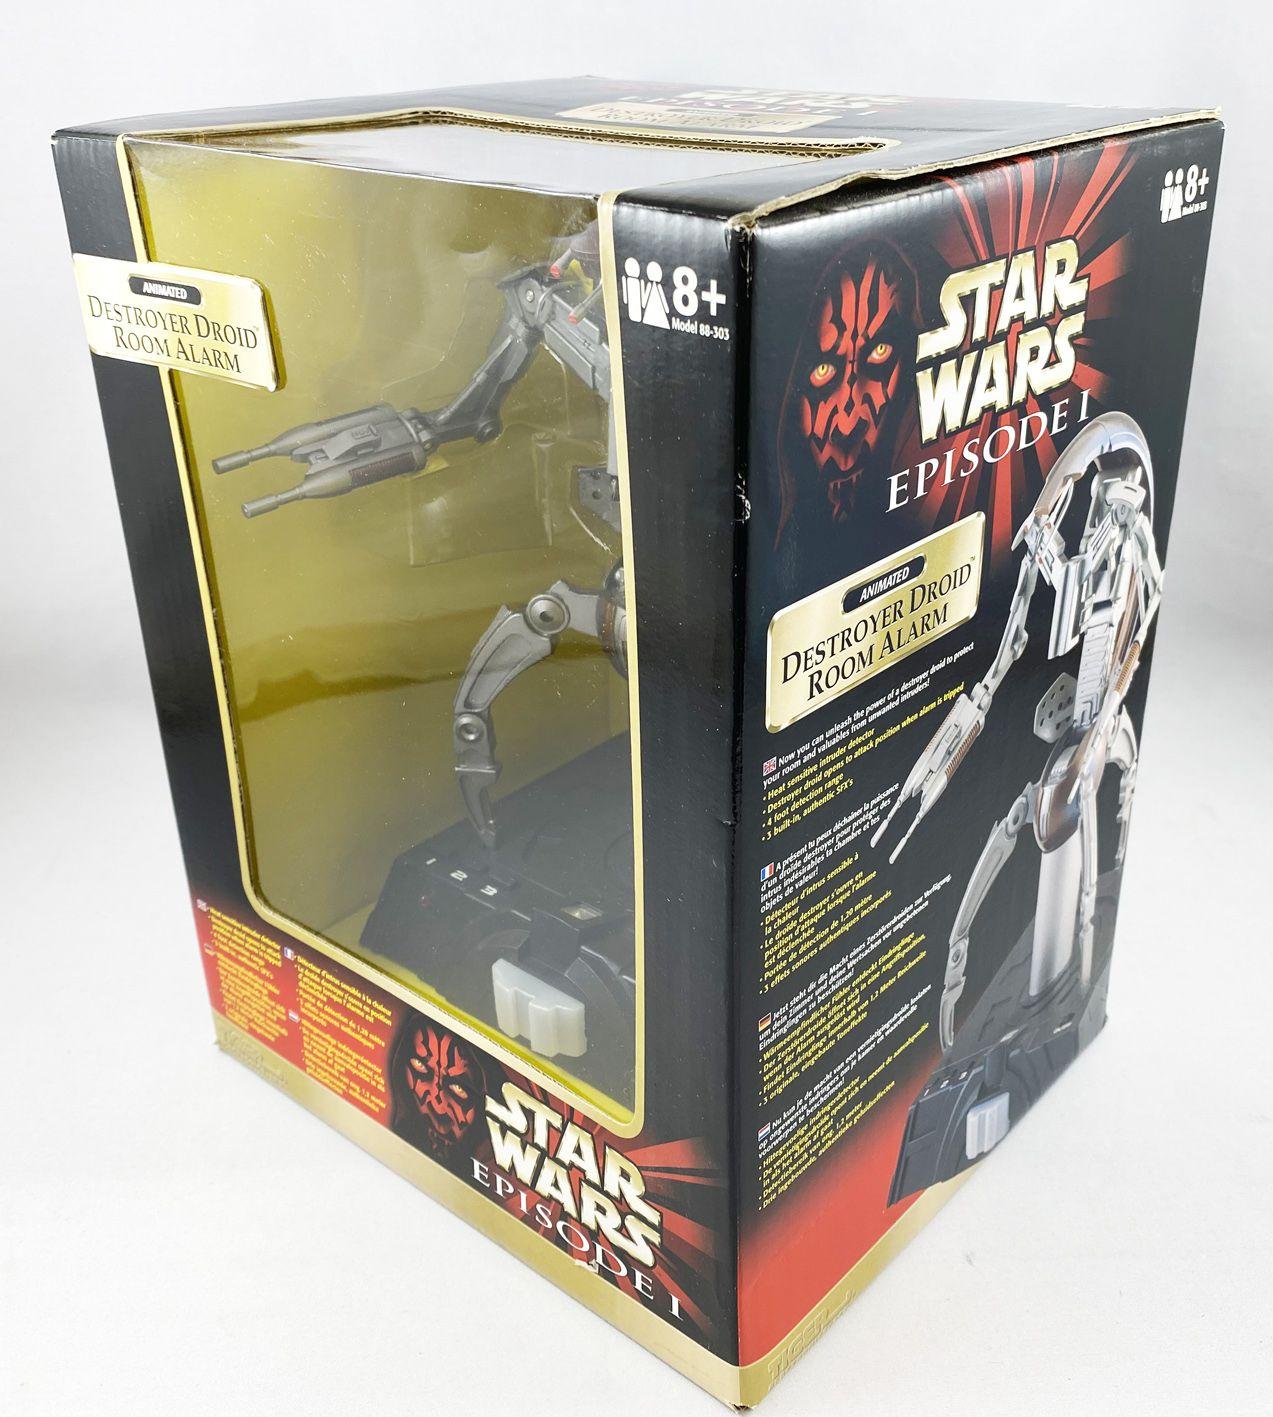 Star Wars Episode 1 - Tiger Electronics - Destroyer Droid Room Alarm